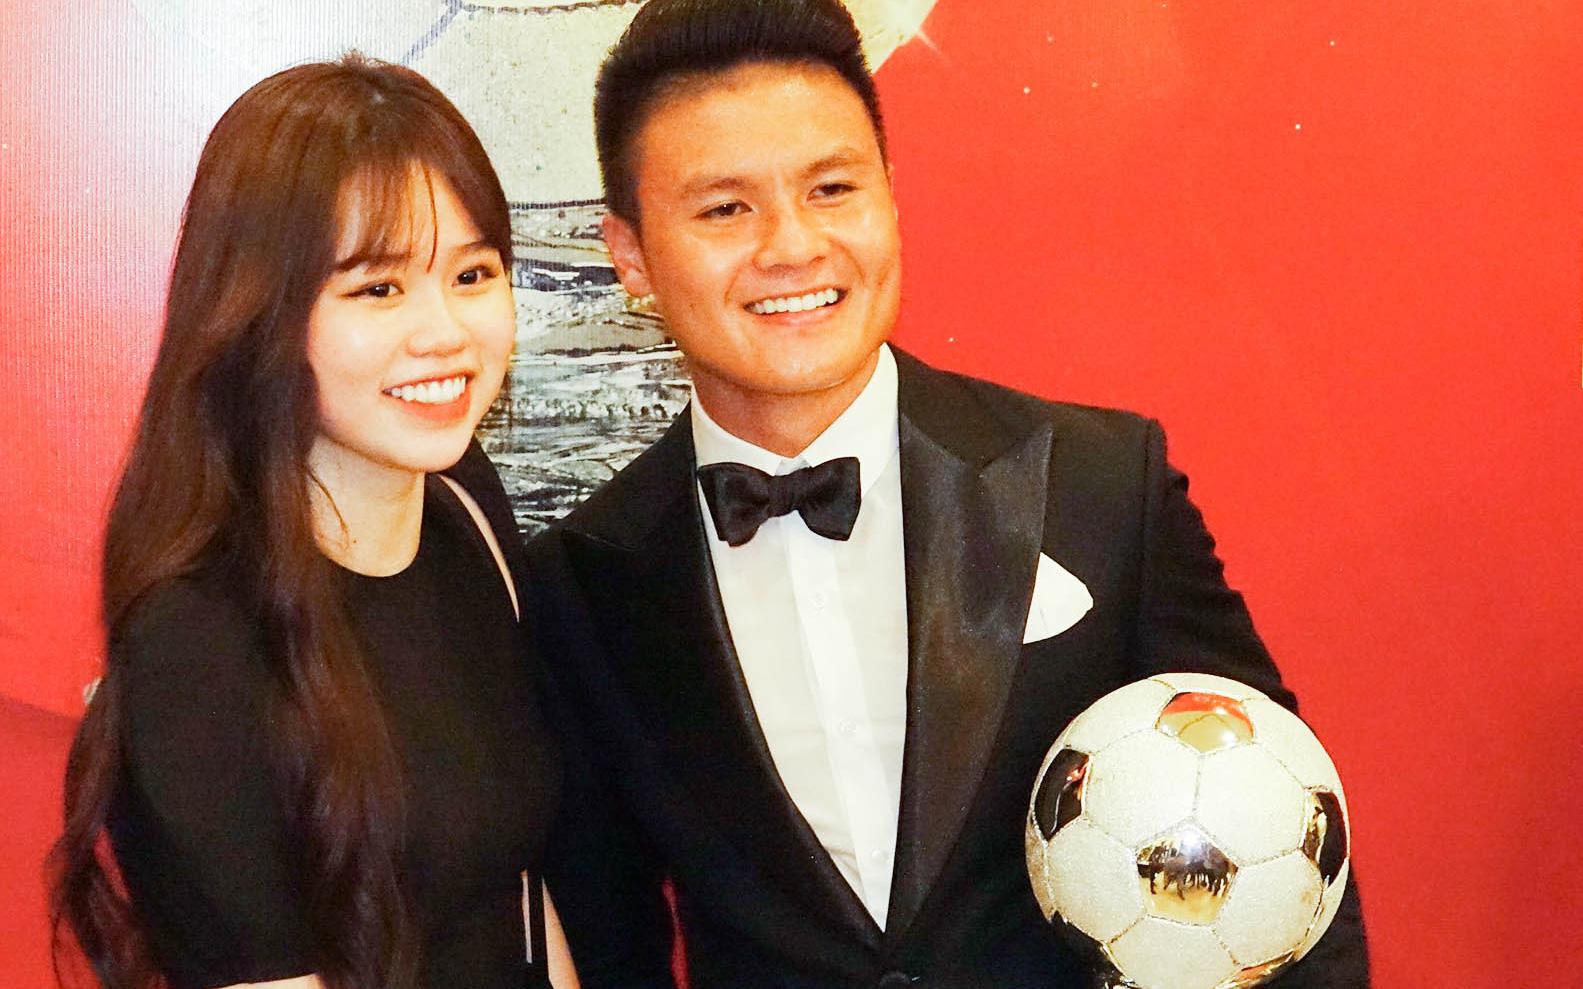 """Bạn gái Quang Hải hứa không """"ké fame"""" quảng cáo kem trộn, cố học hỏi để người yêu tự hào về mình"""